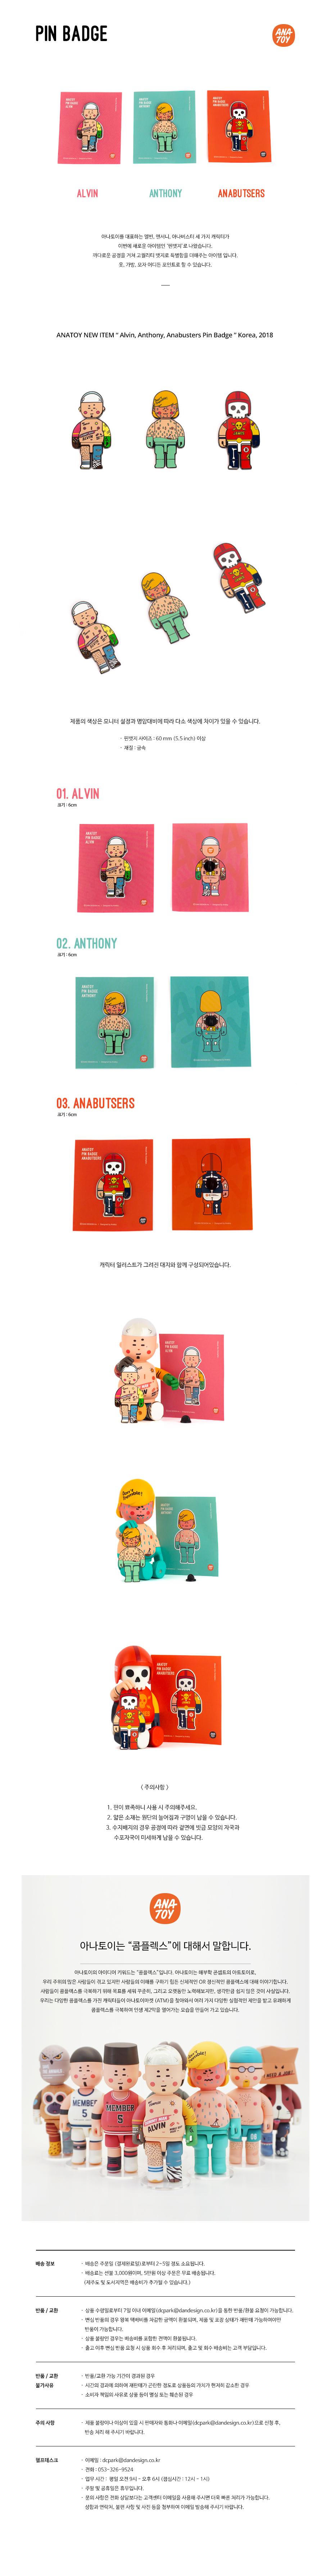 핀뱃지 PINBADGE - 아나토이, 15,000원, PVC 토이, 캐릭터